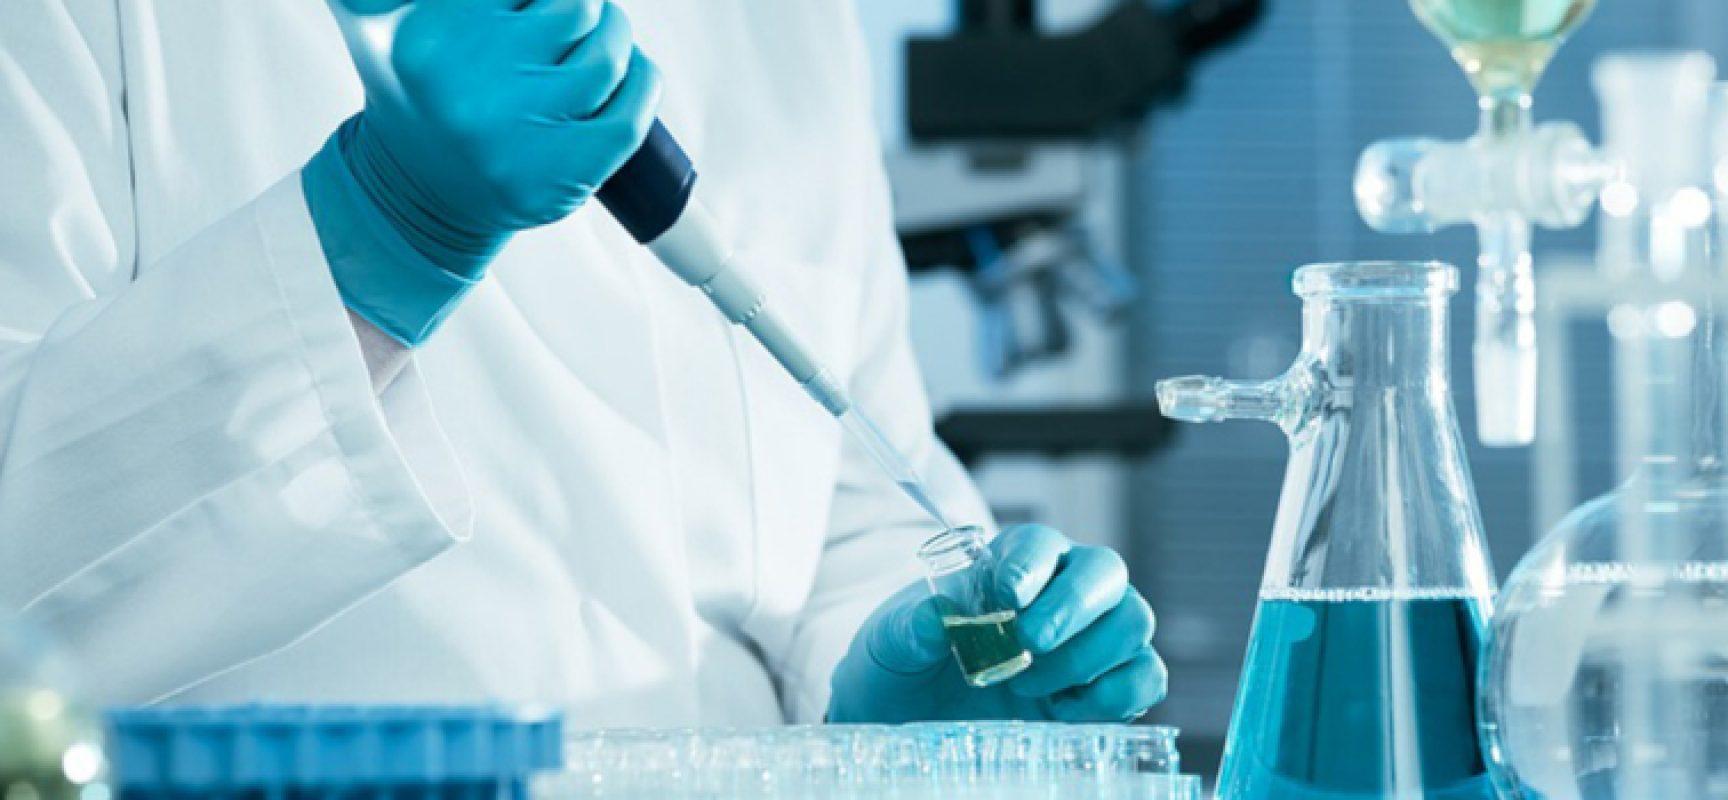 Coronavirus, aggiornamento: altri 3 casi nella Provincia Bat: il totale è di 65